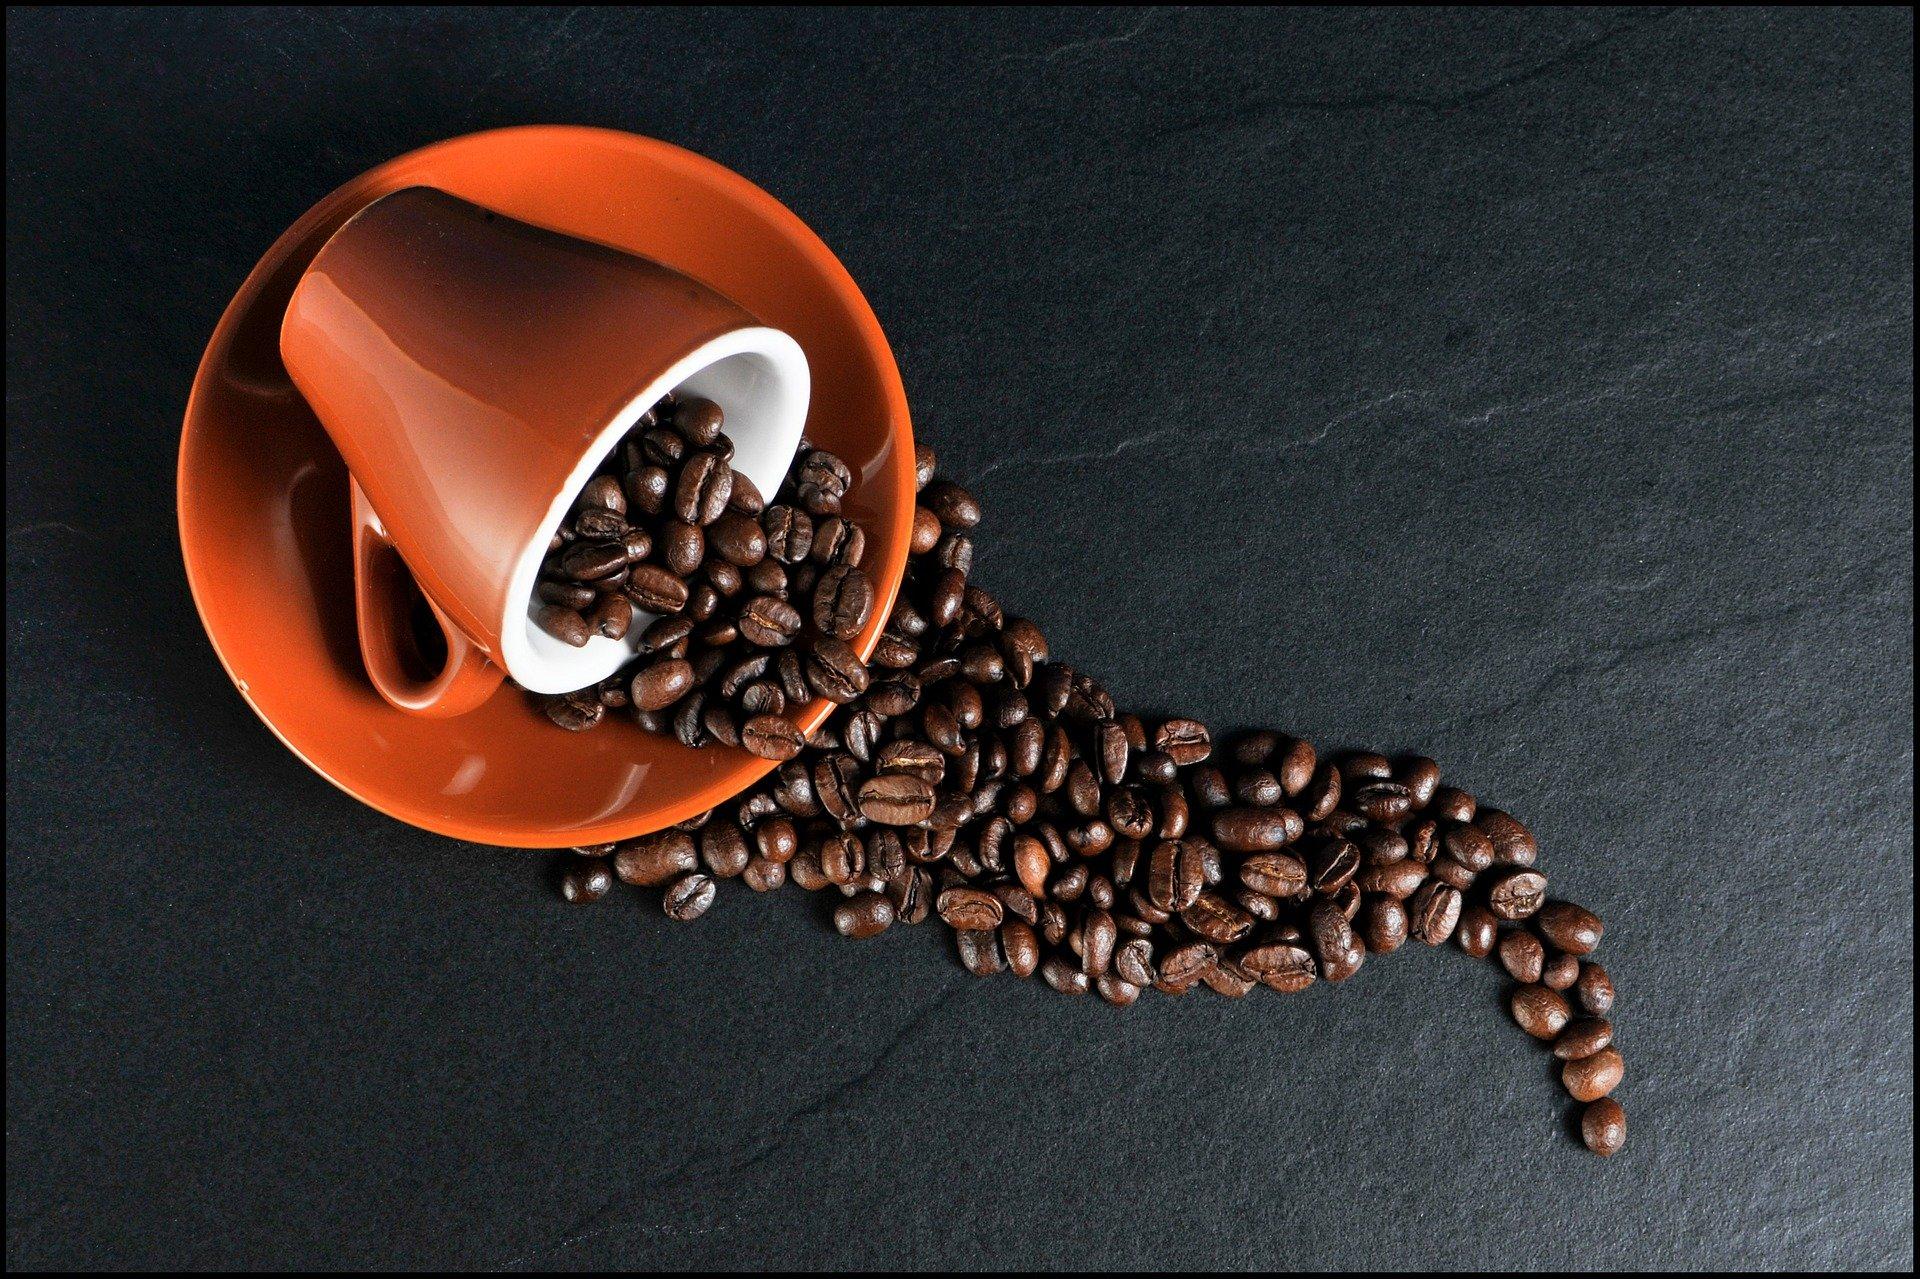 Koffein Pulver Bio - Kaufideen. Beste Koffein Pulver Bio finden